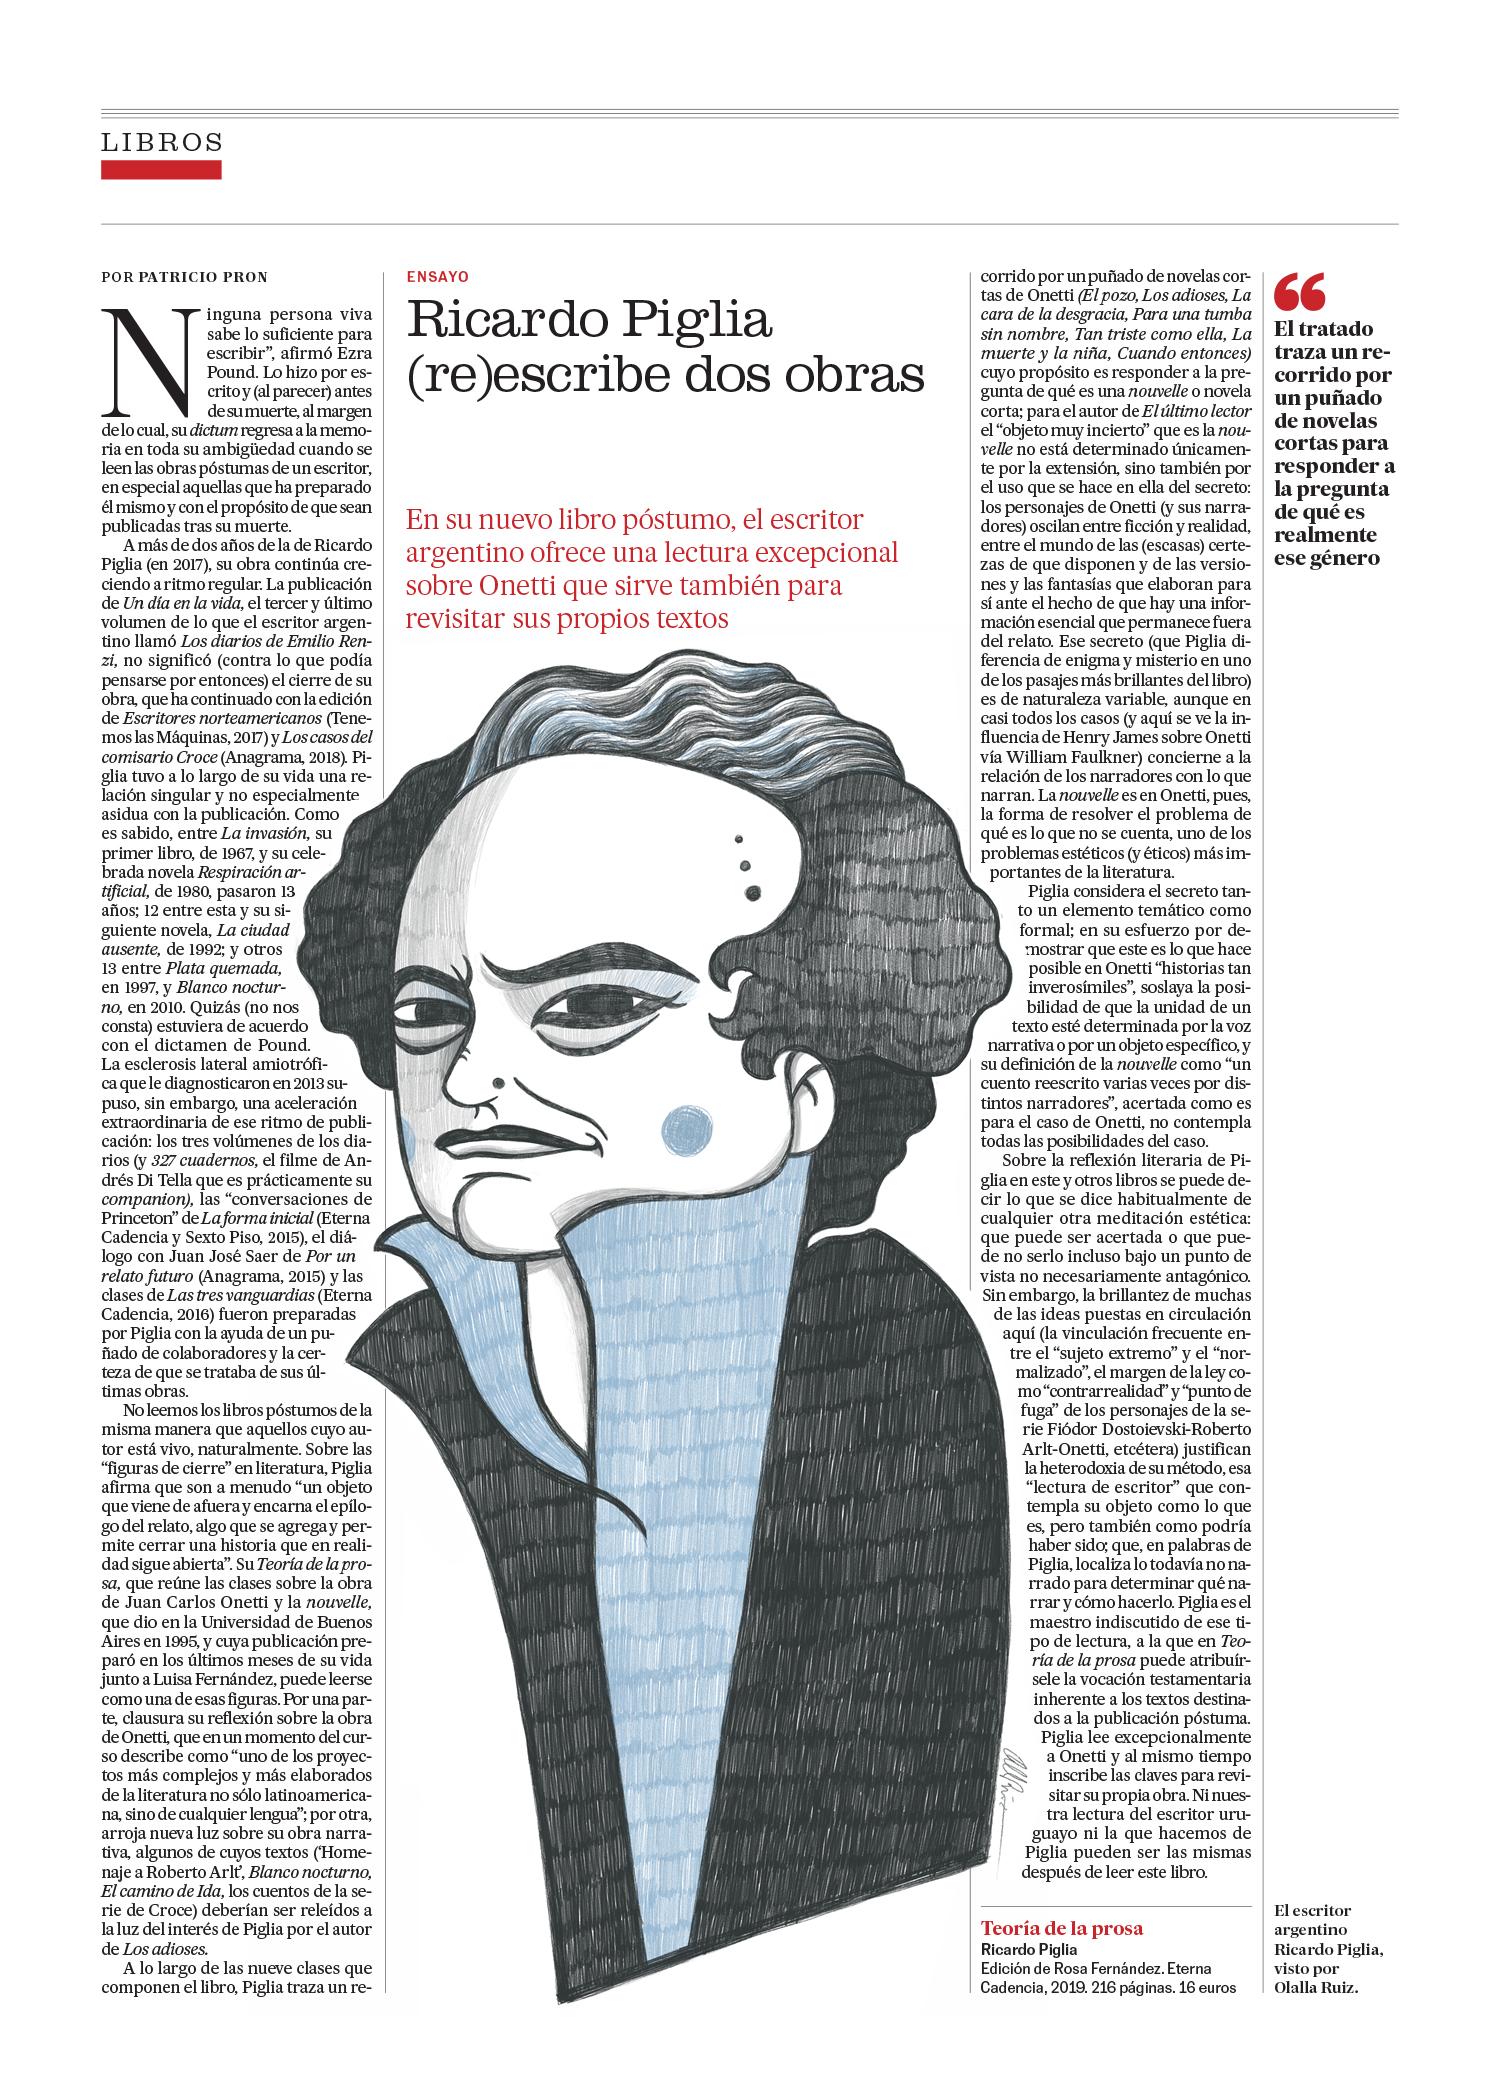 Maqueta de la pagina con el articulo